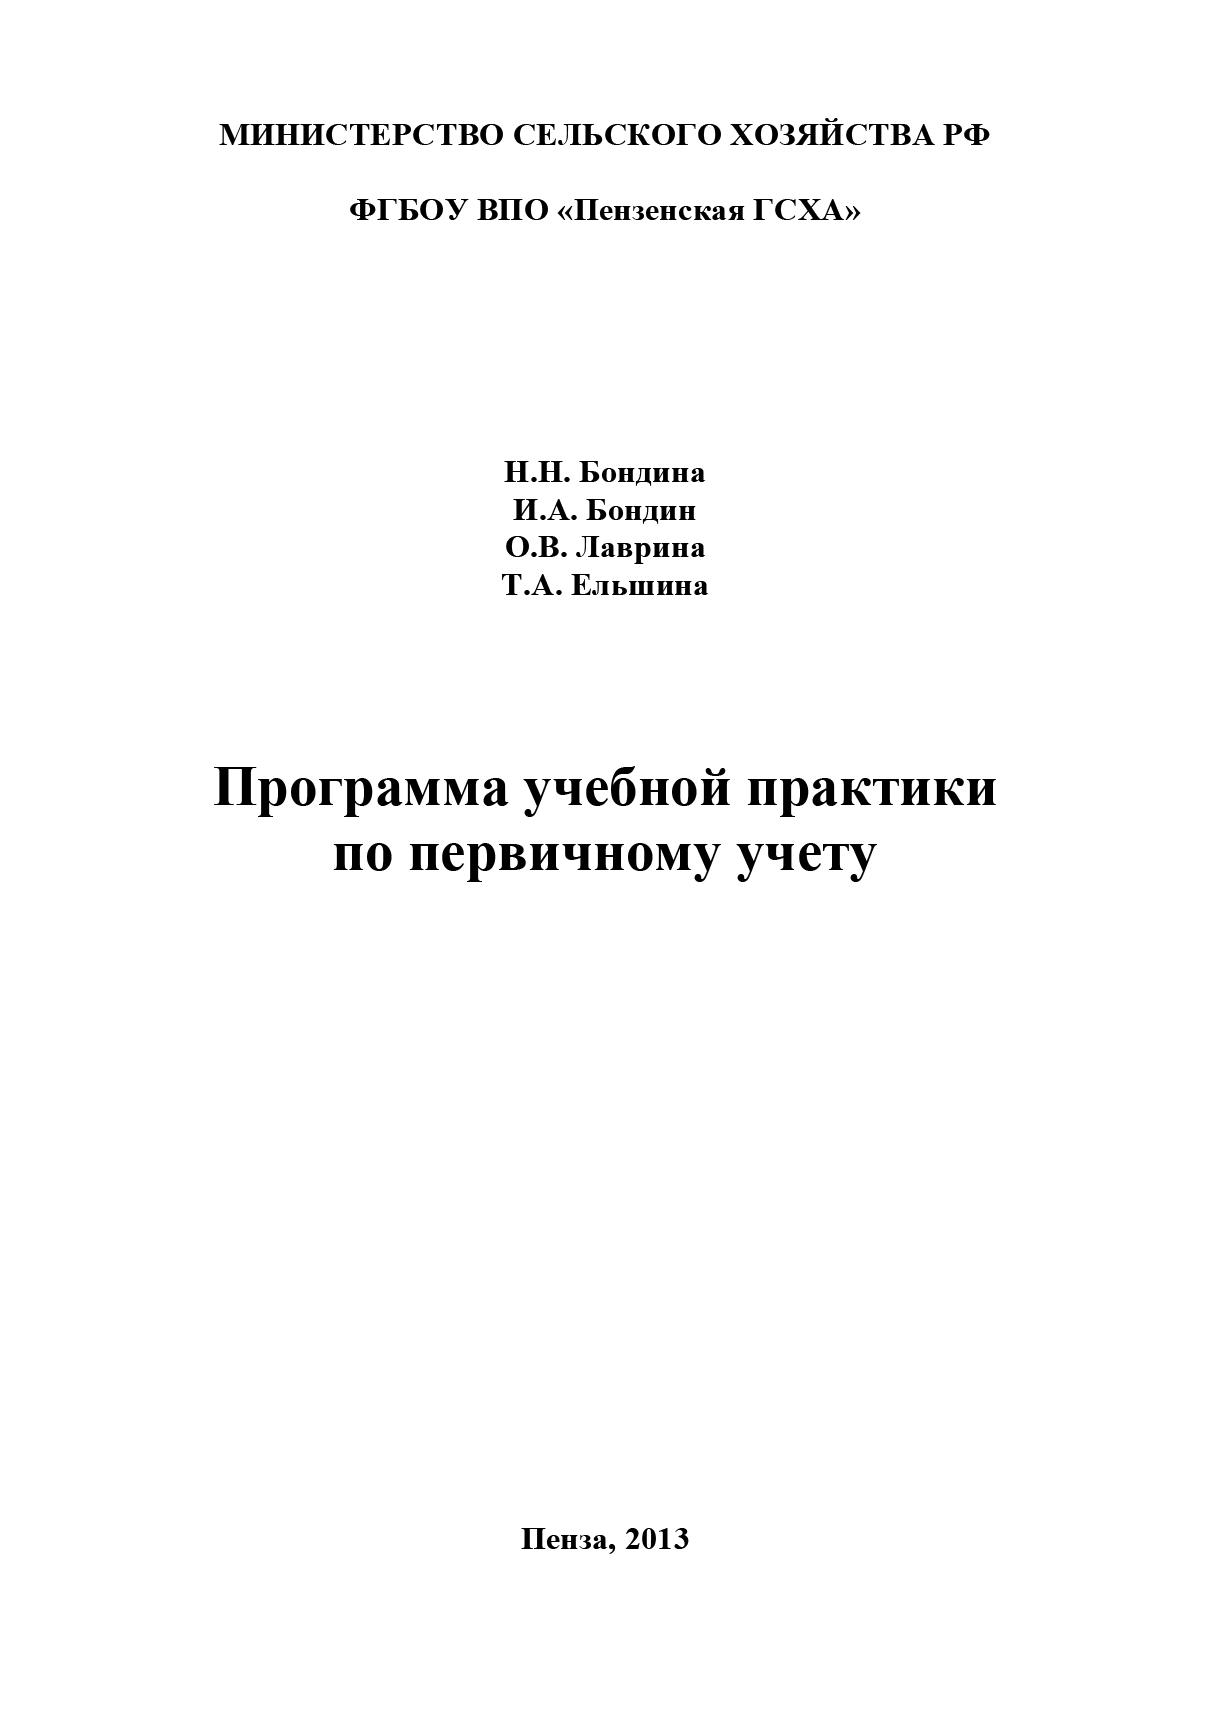 фото обложки издания Программа учебной практики по первичному учету